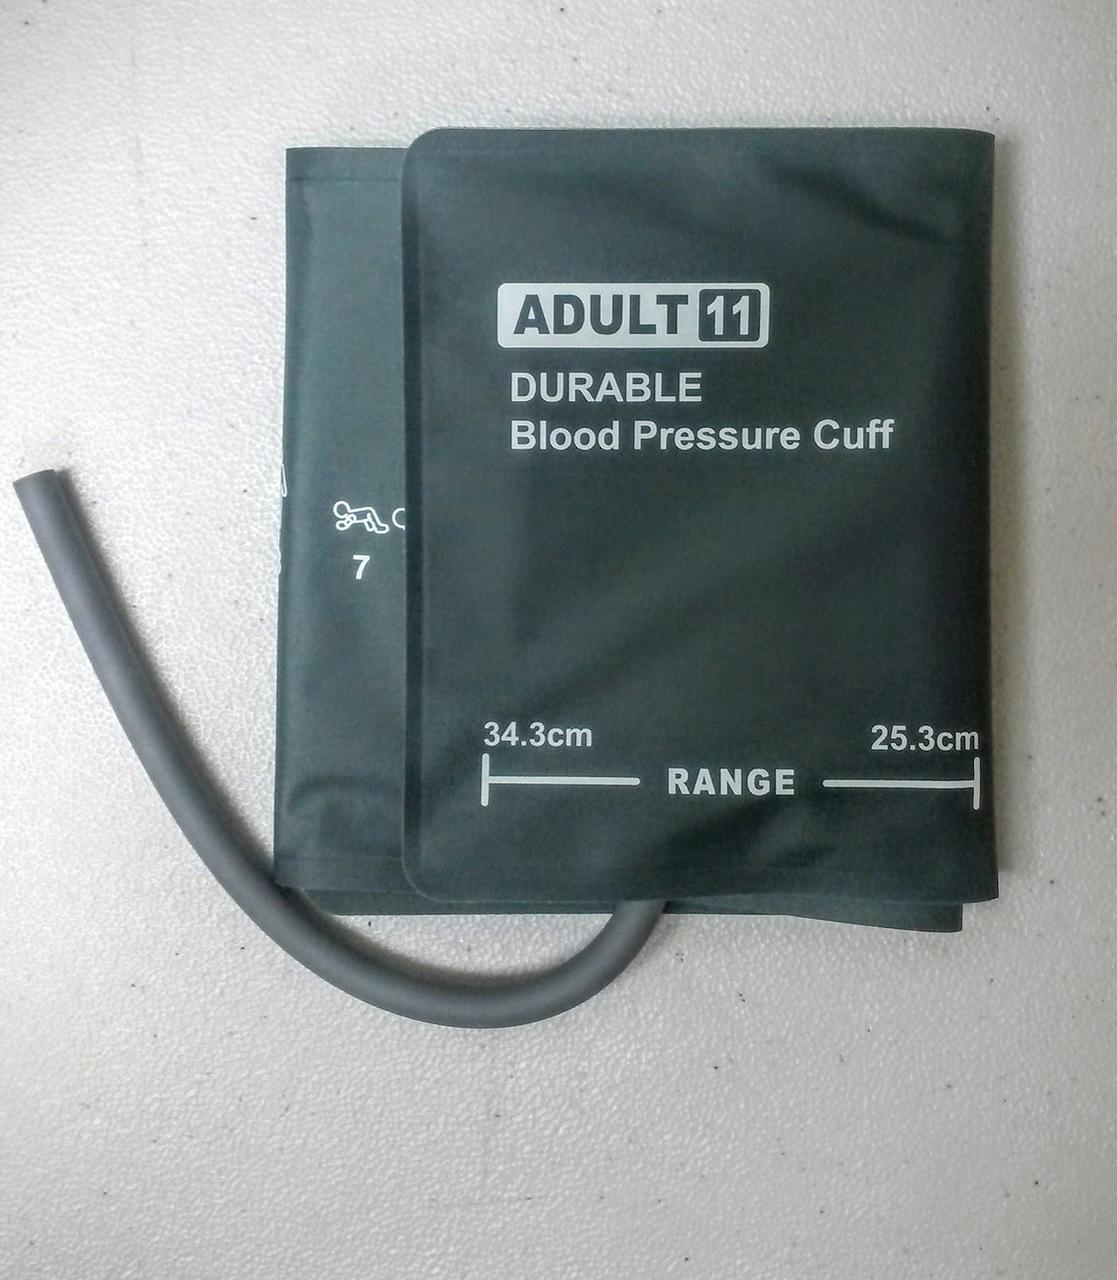 Accessories Cuff Bladder Size 25.3 x 34.3 cm